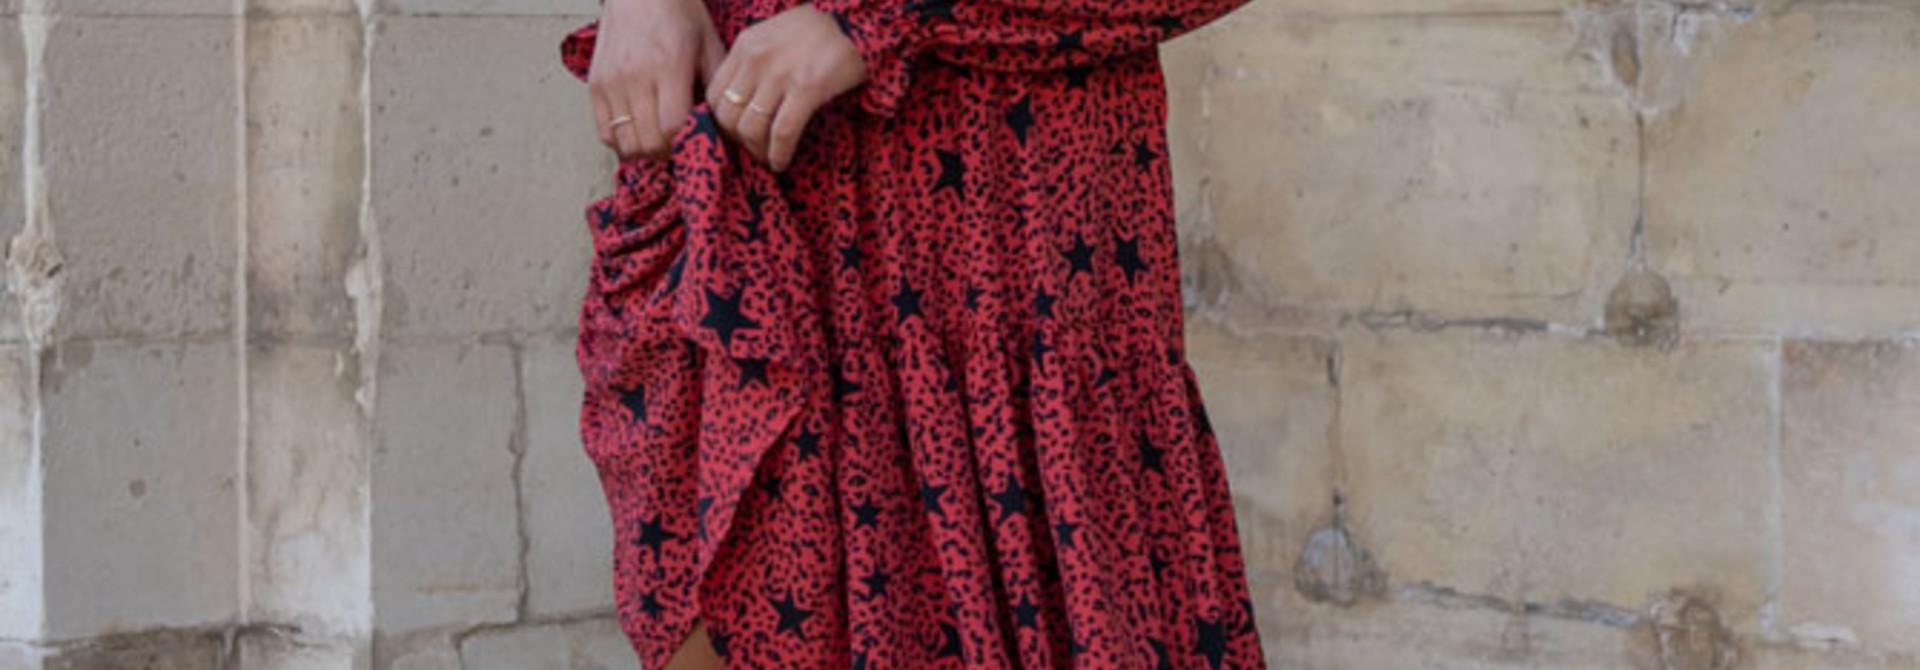 Linsey star leopard mini dress Red